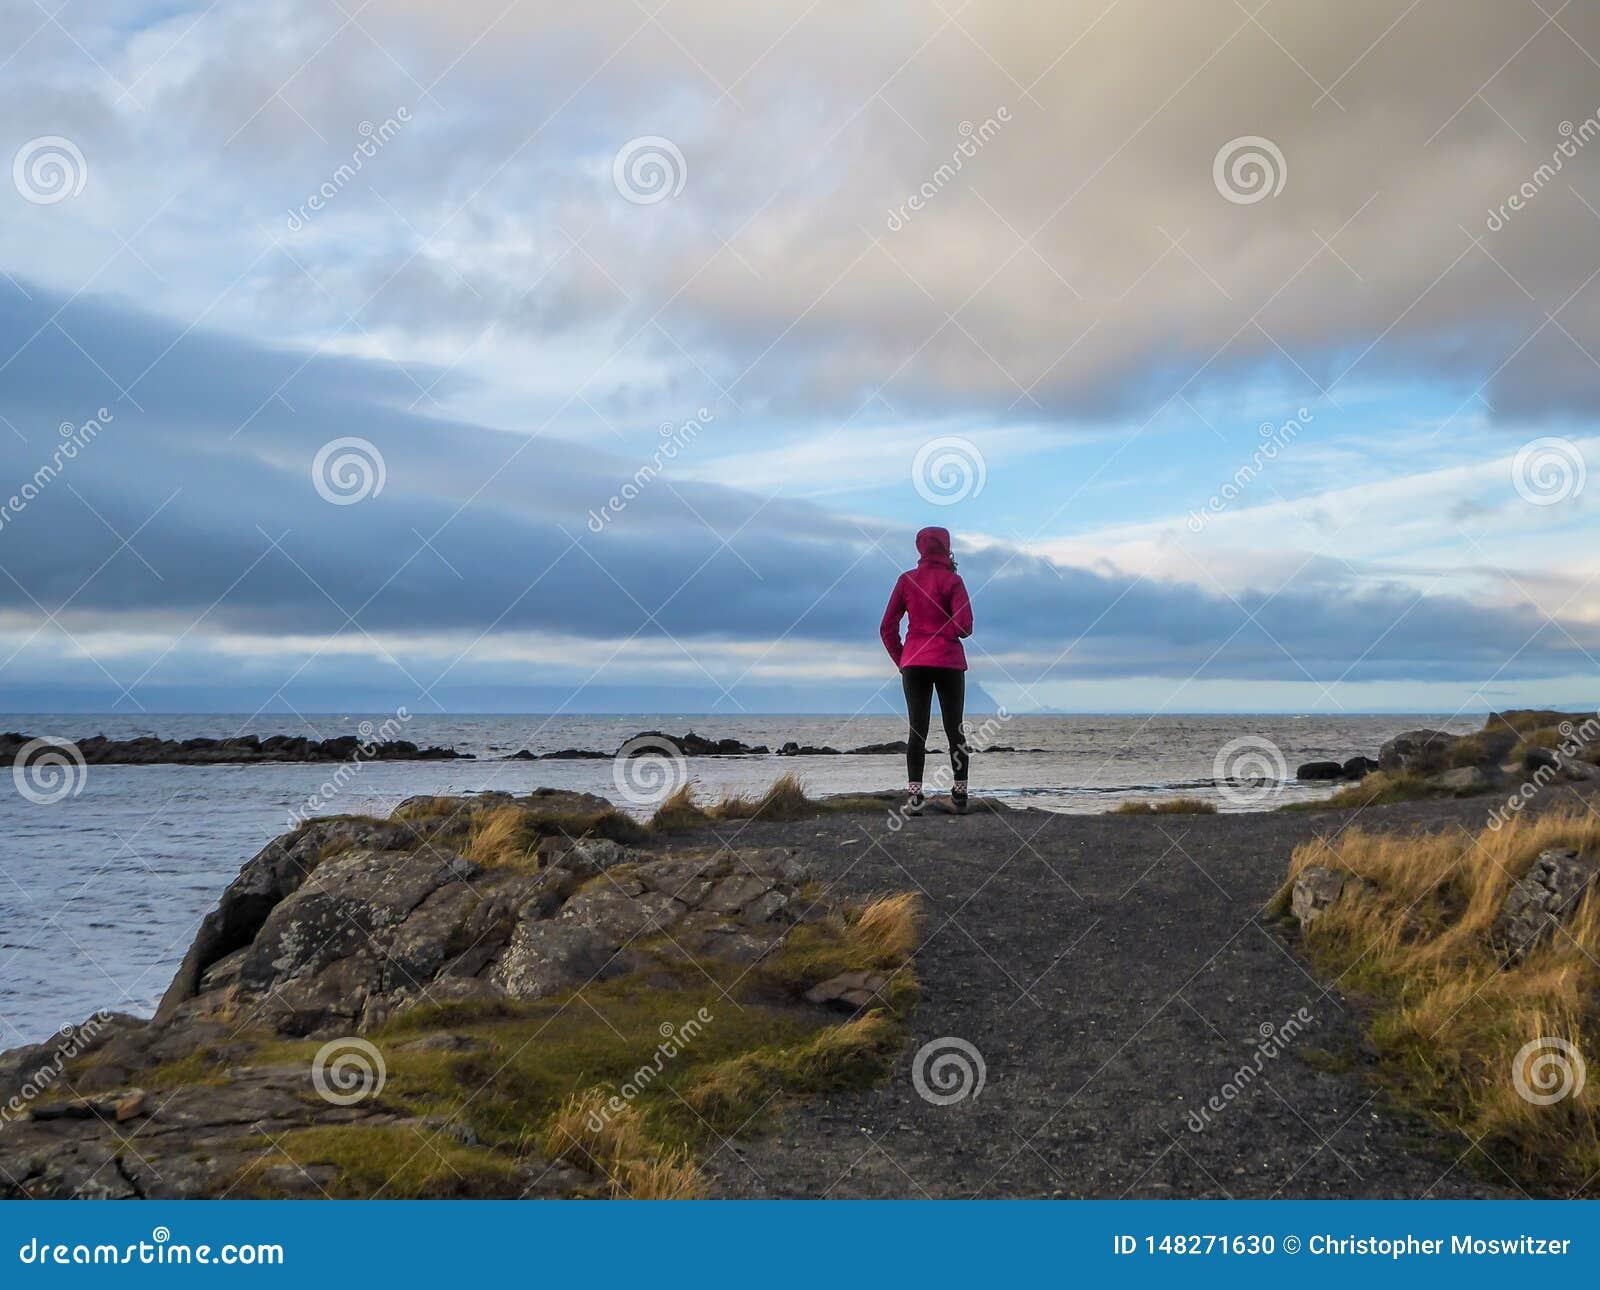 冰岛-在陆岬的一个女孩身分,观察风景